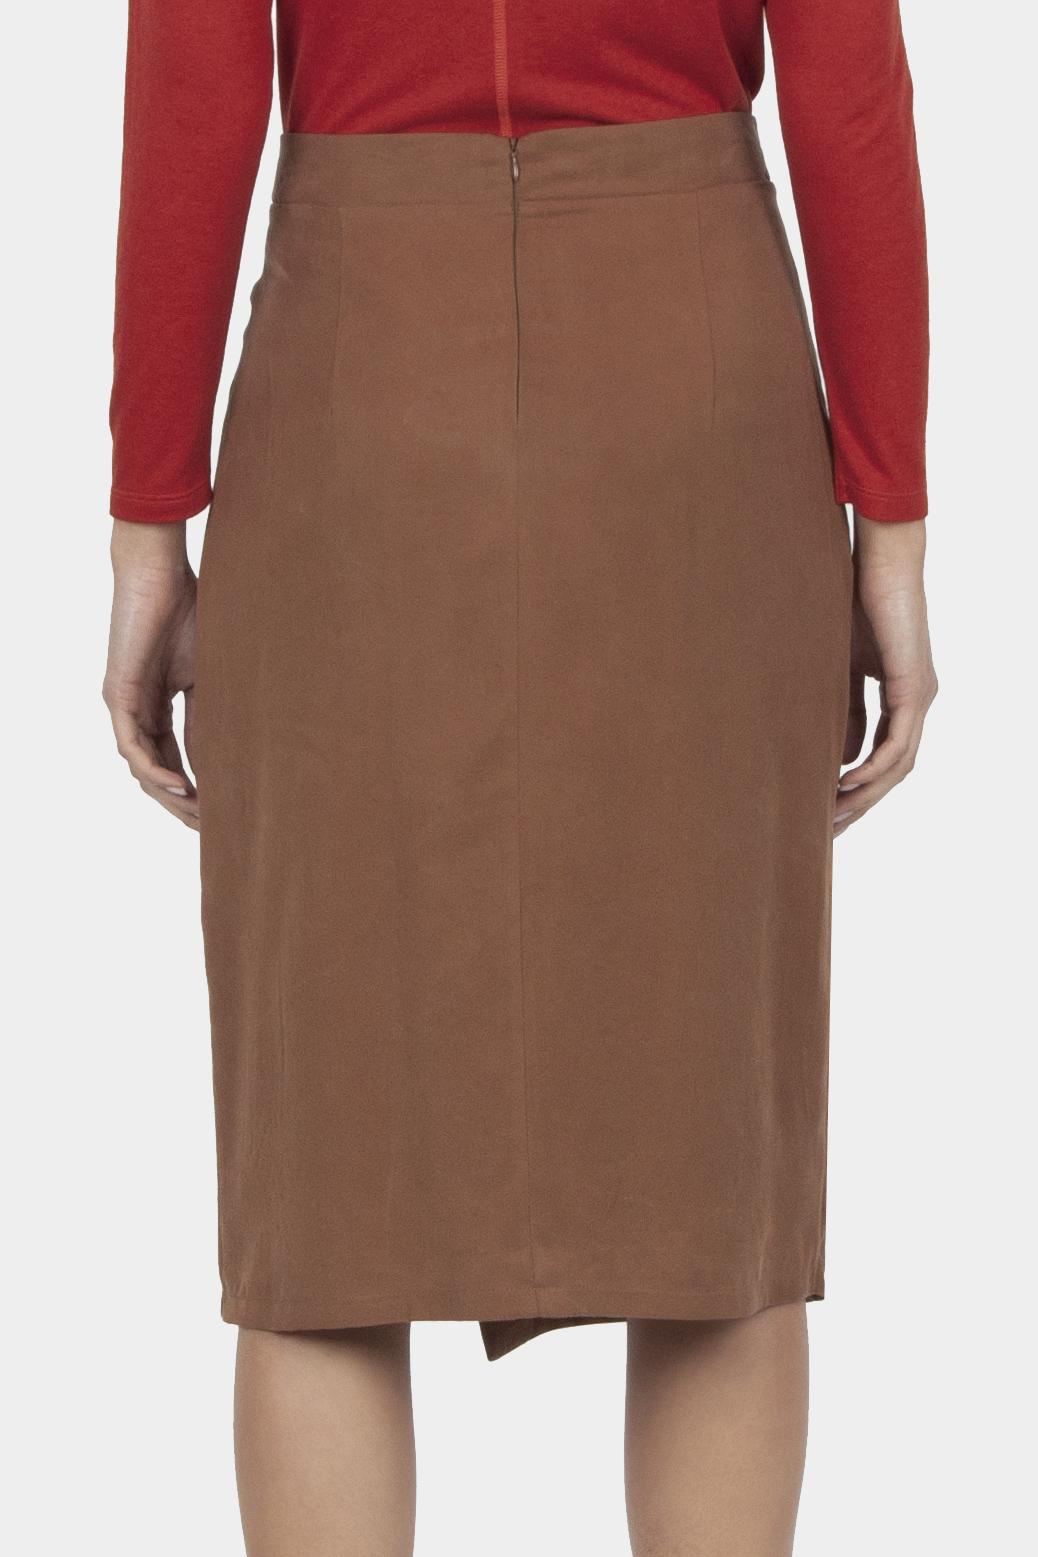 Wrapover skirt